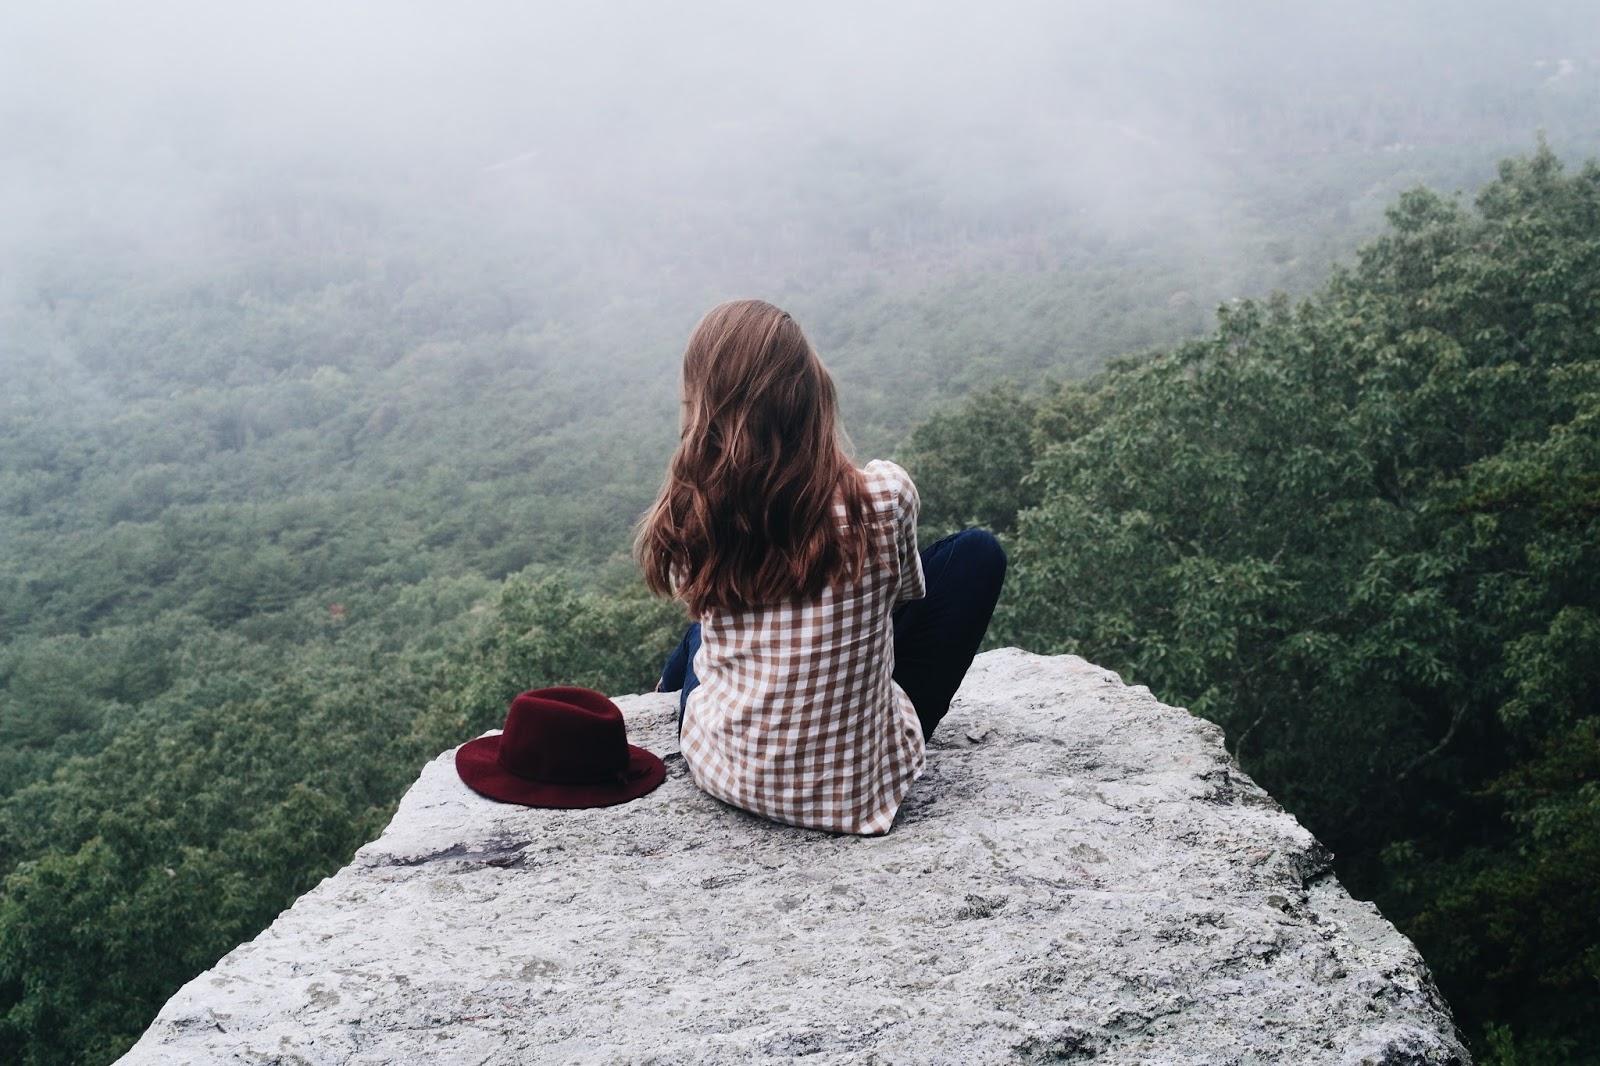 O desafio da espera, eu escolhi esperar, esperar em Deus, garota sentada em um lugar bonito, Blog para garotas cristãs, por Milene Oliveira